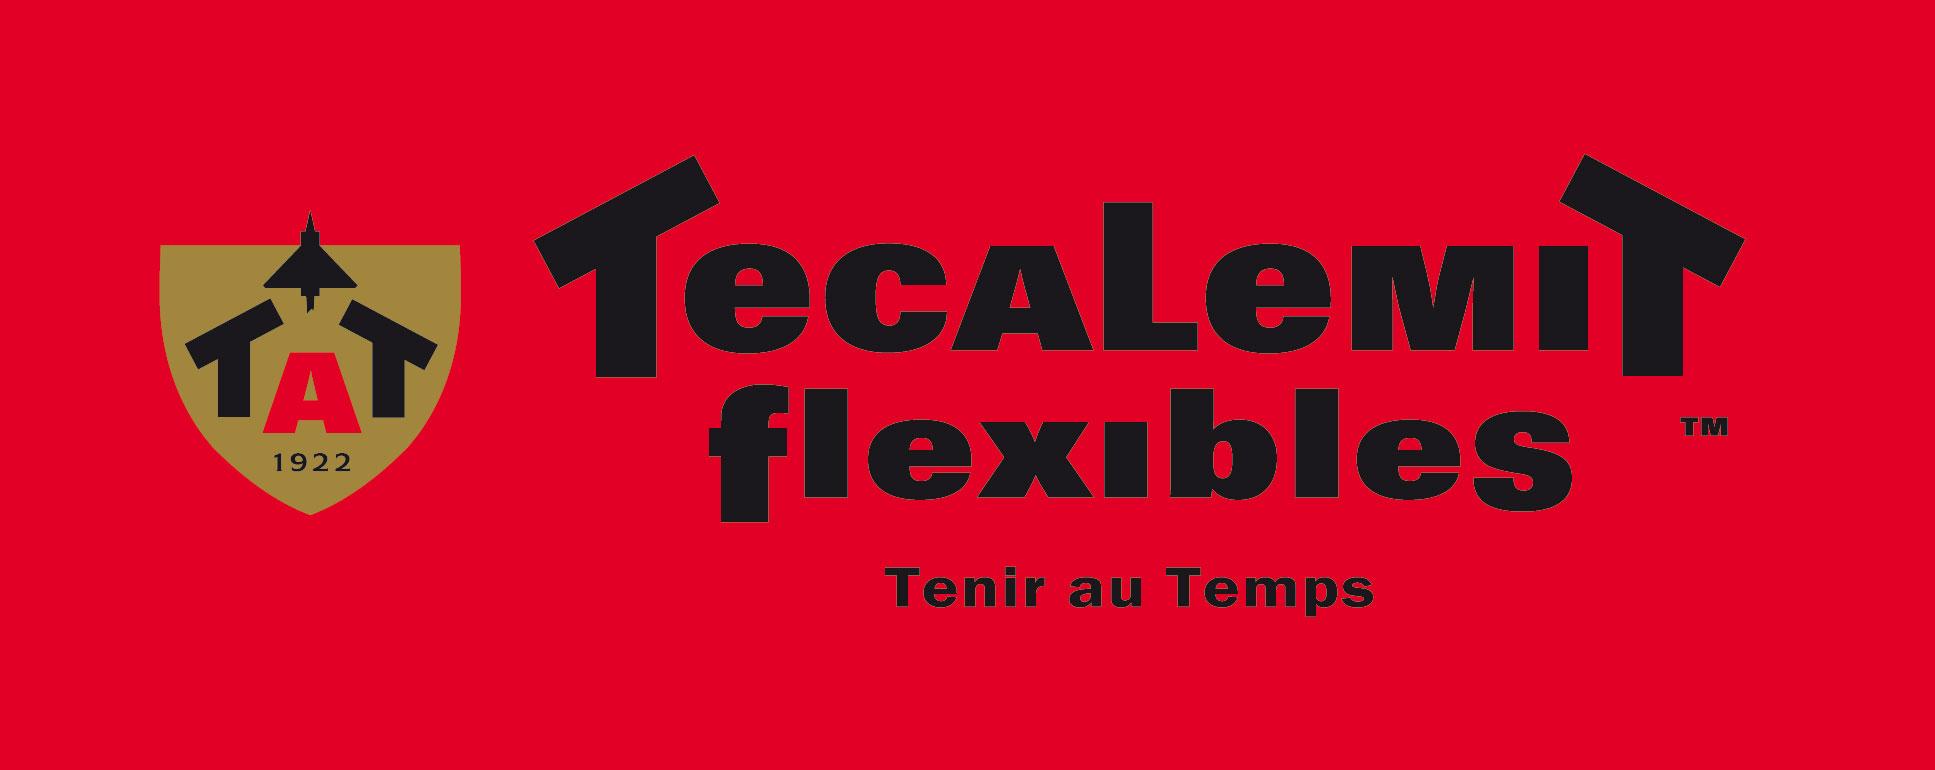 TECALEMIT FLEXIBLES